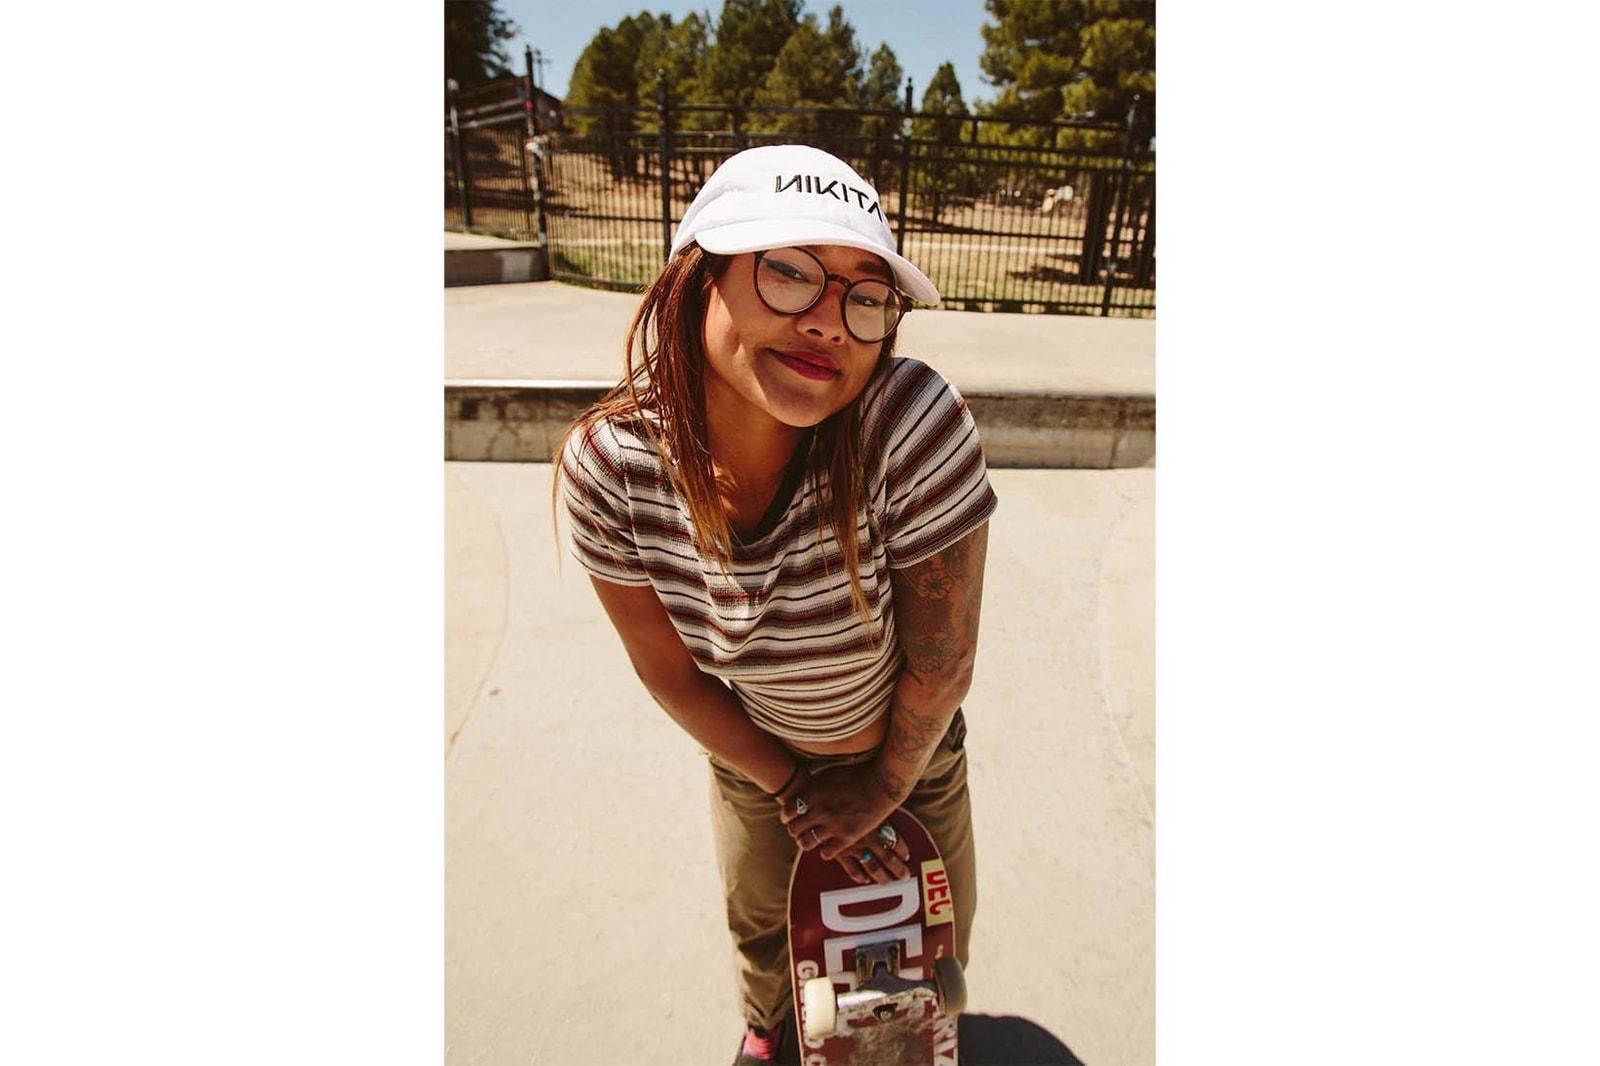 9b9c4041 4 of 4. Best Women's Skate Clothing Brands Stussy Vans Brujas Dickies  Carhartt Nikita OBEY Santa Cruz Volcom Wasted